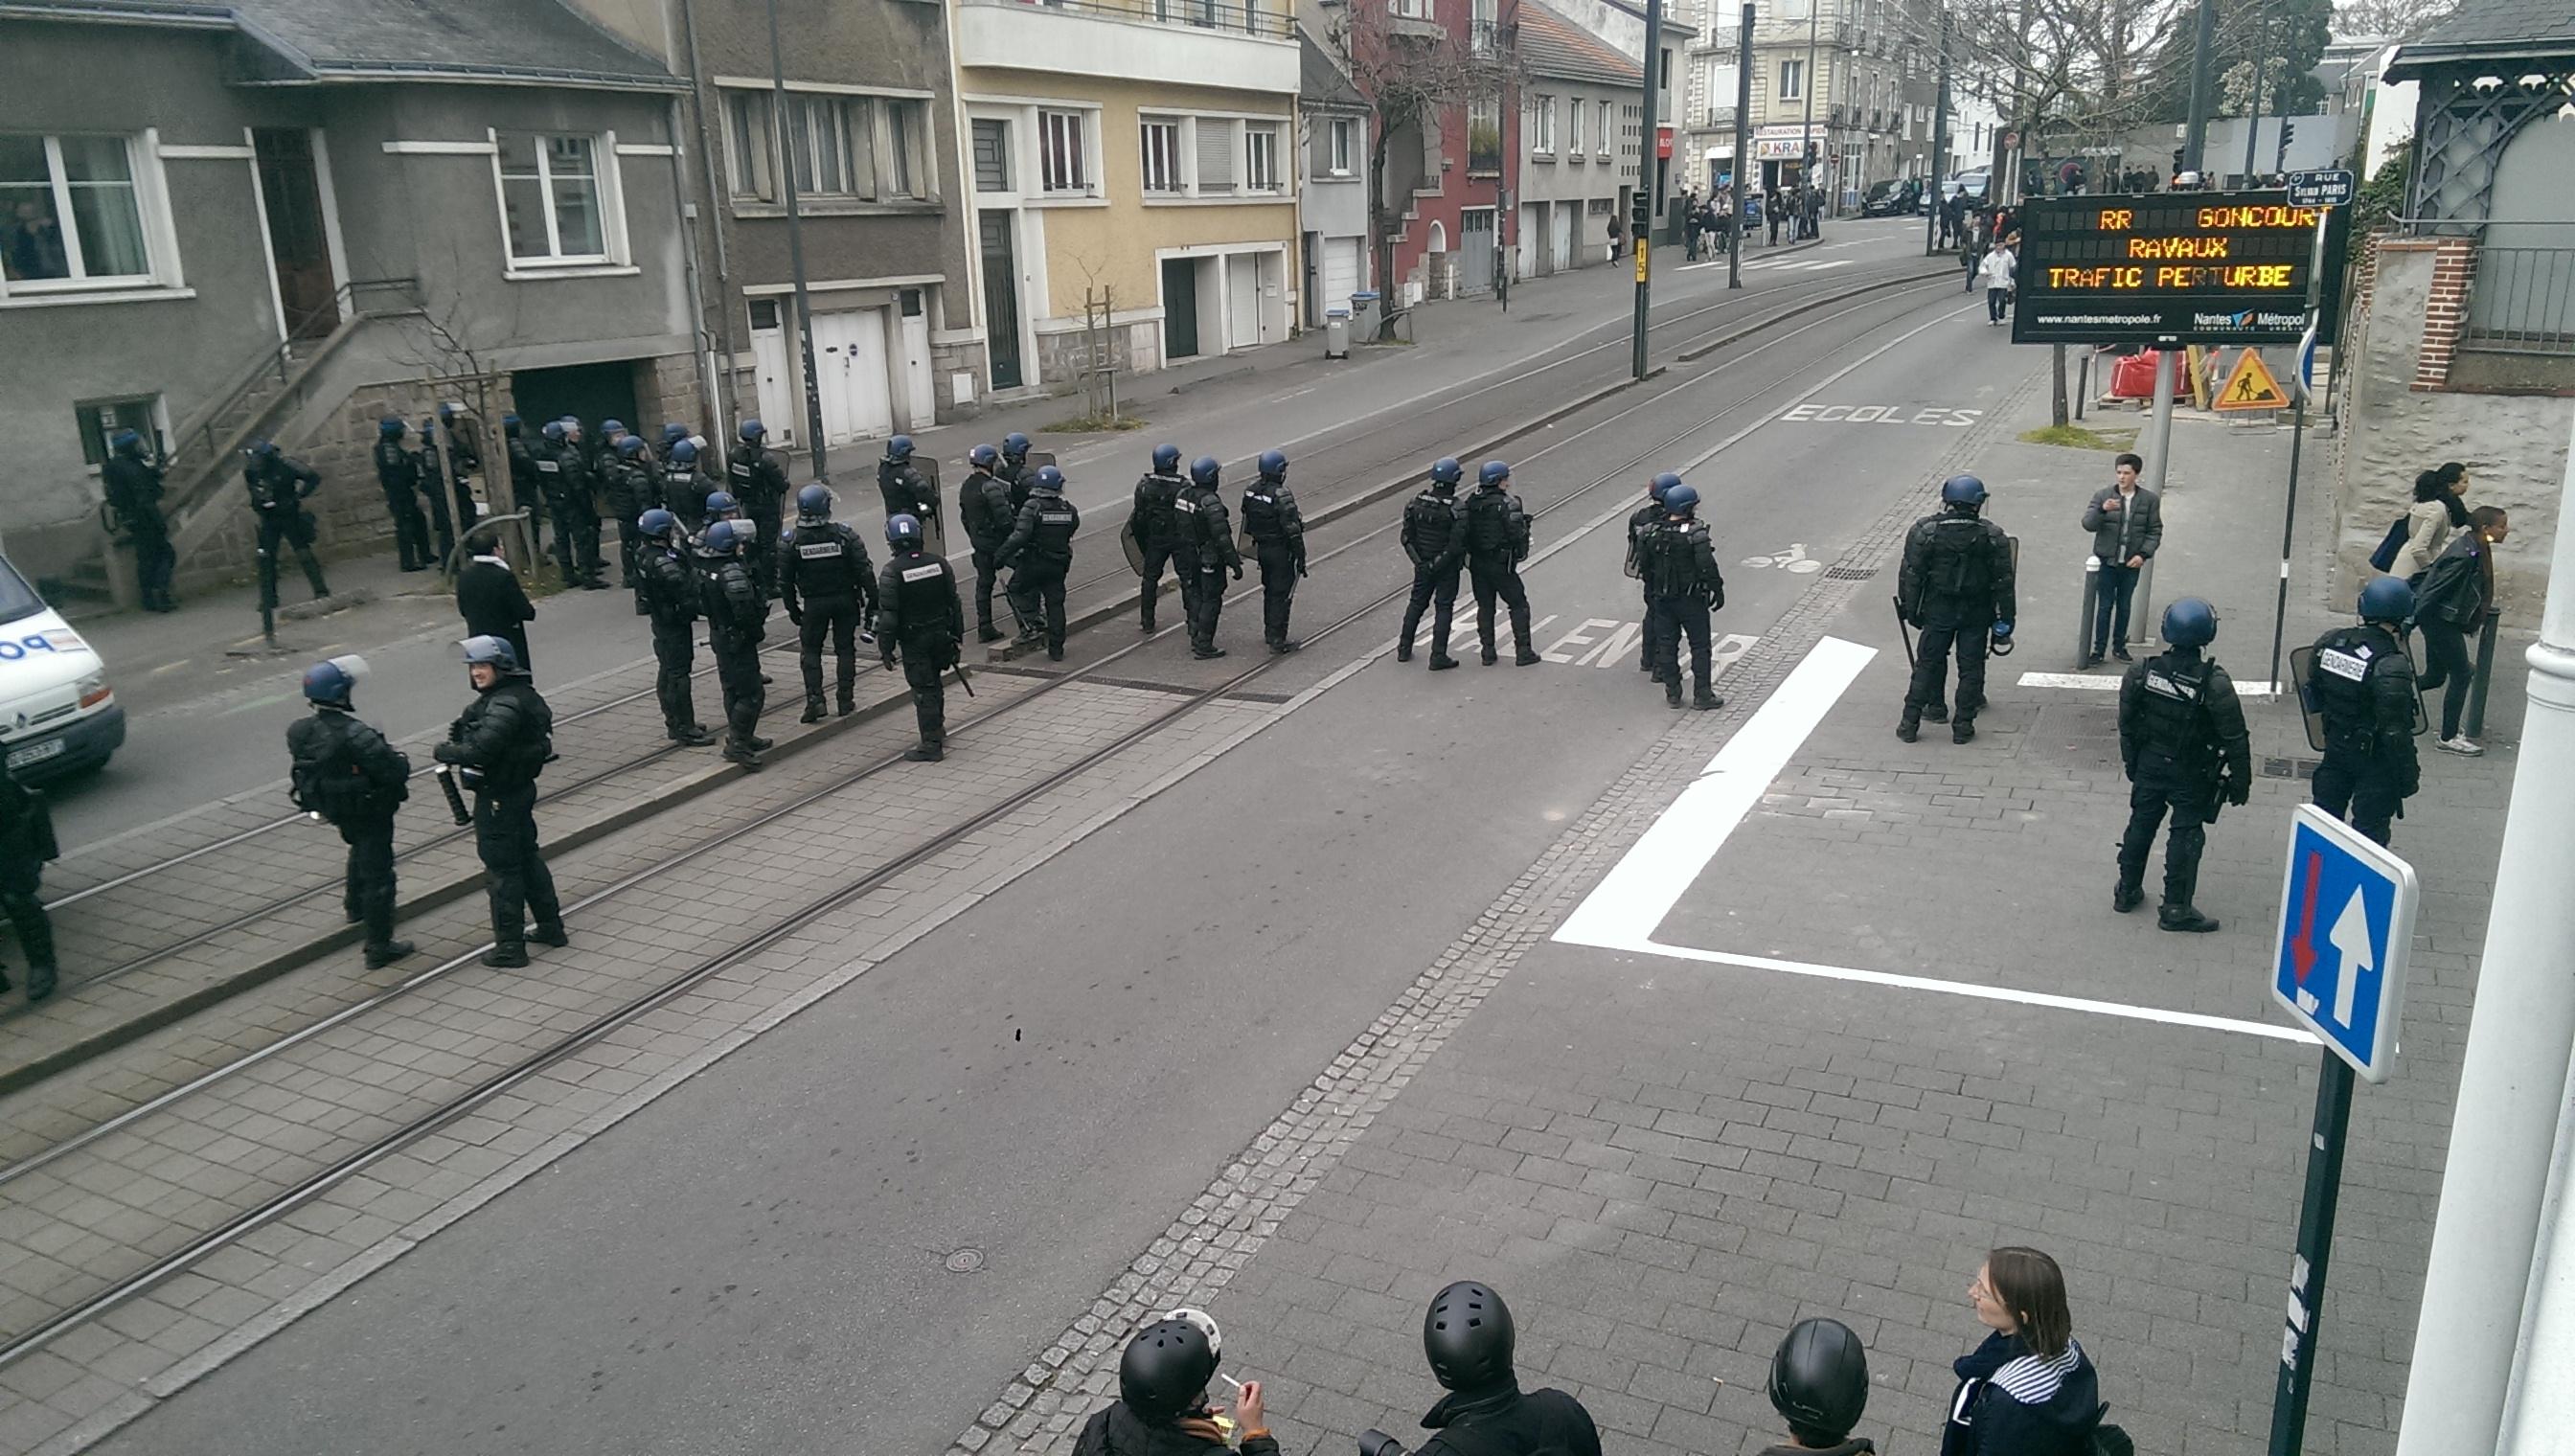 20160324 - Violences policières à Nantes - 19